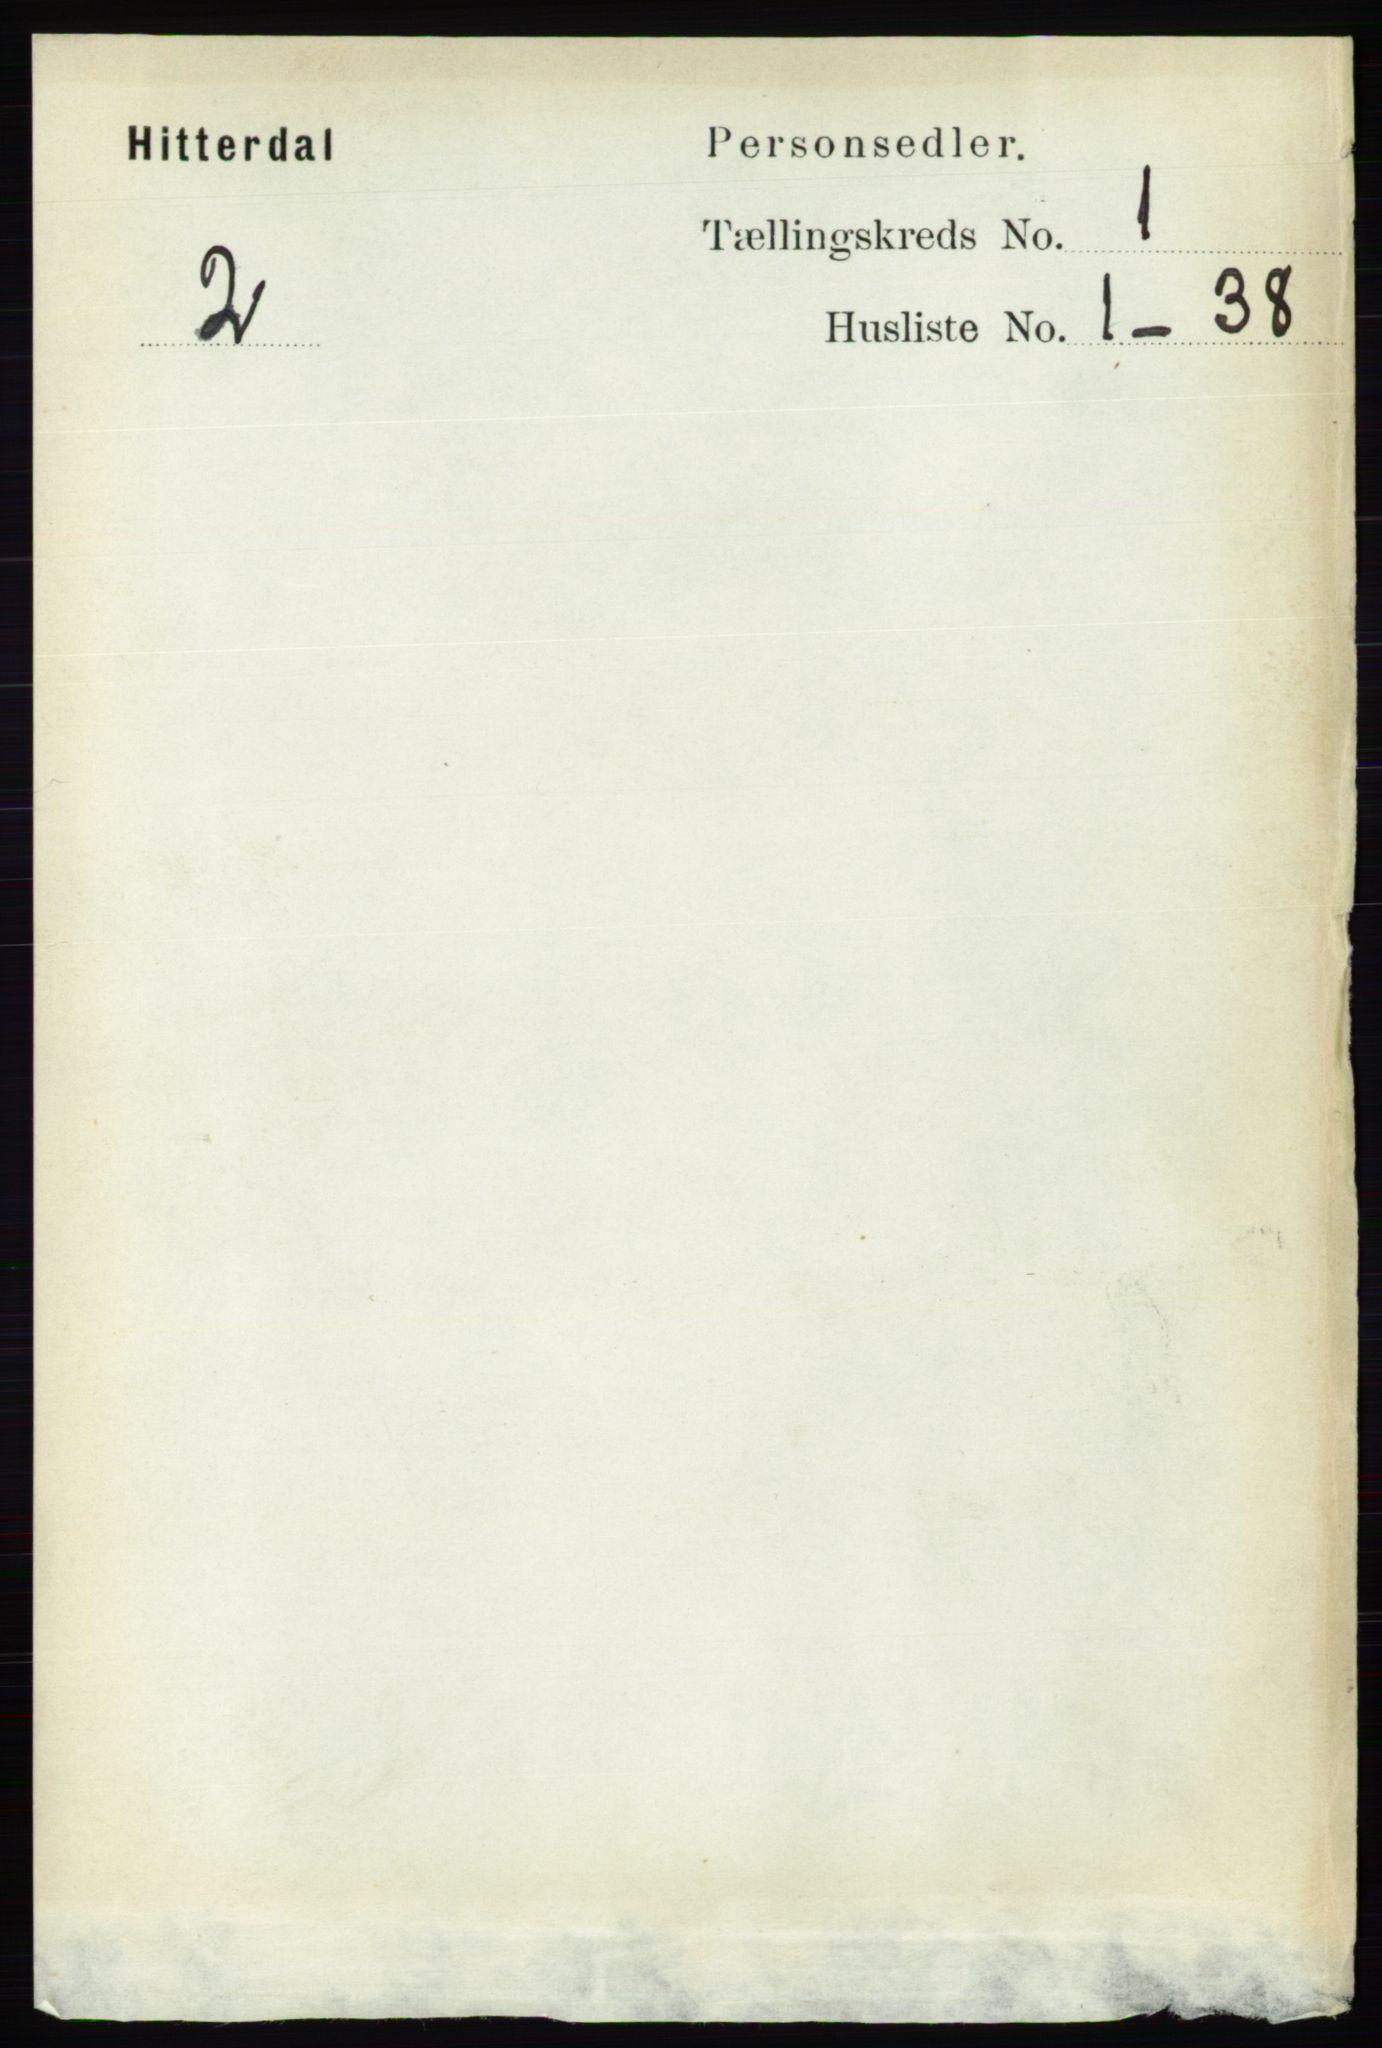 RA, Folketelling 1891 for 0823 Heddal herred, 1891, s. 104